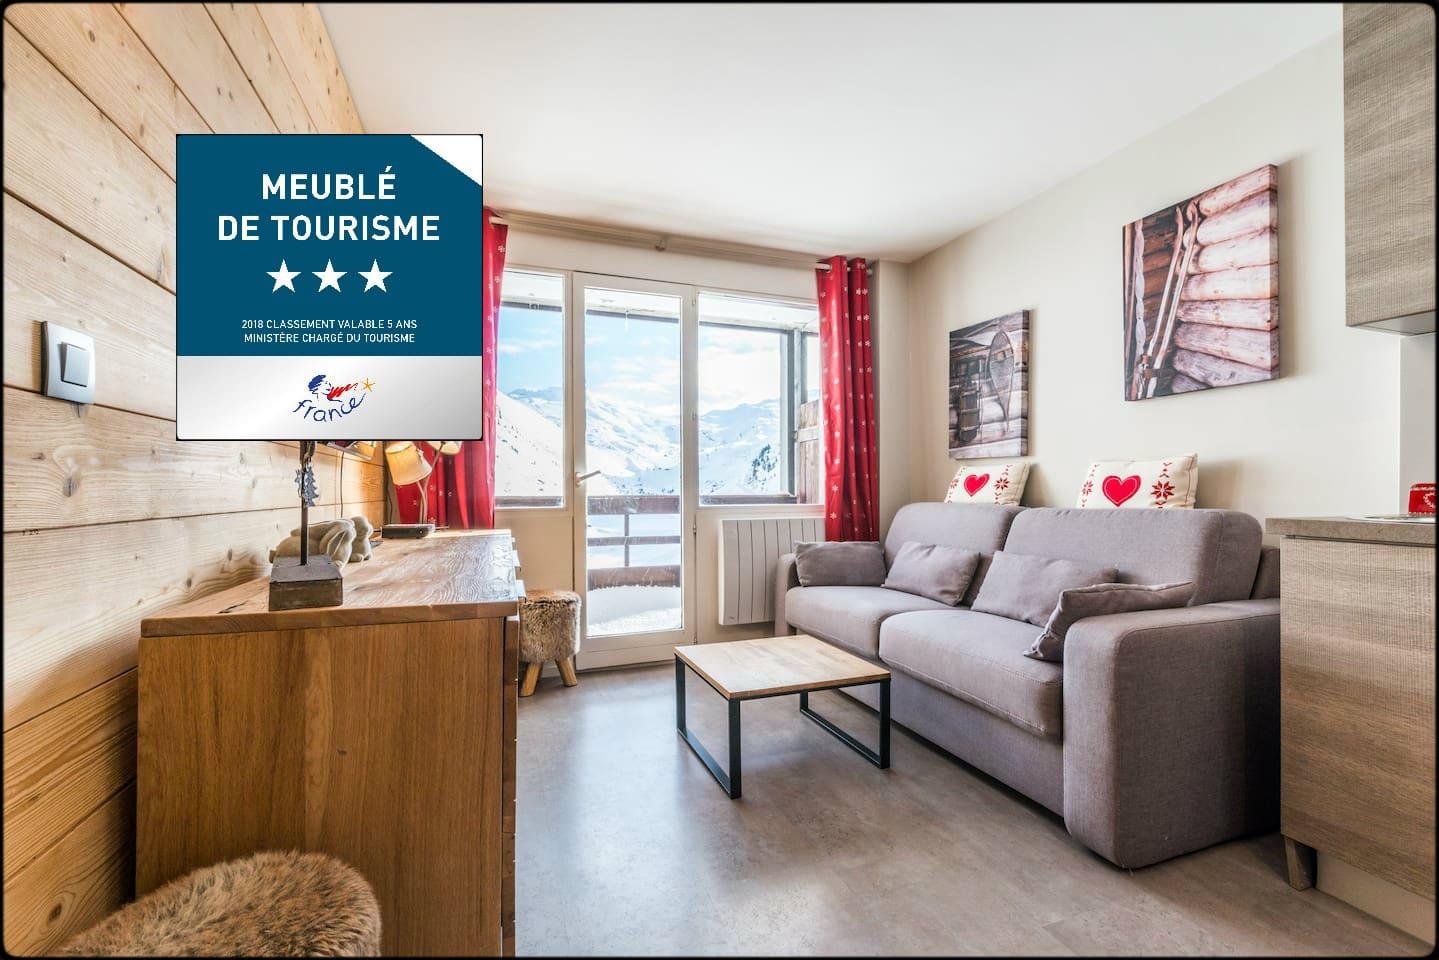 Appartement classé meublé de tourisme 3 étoiles :-)